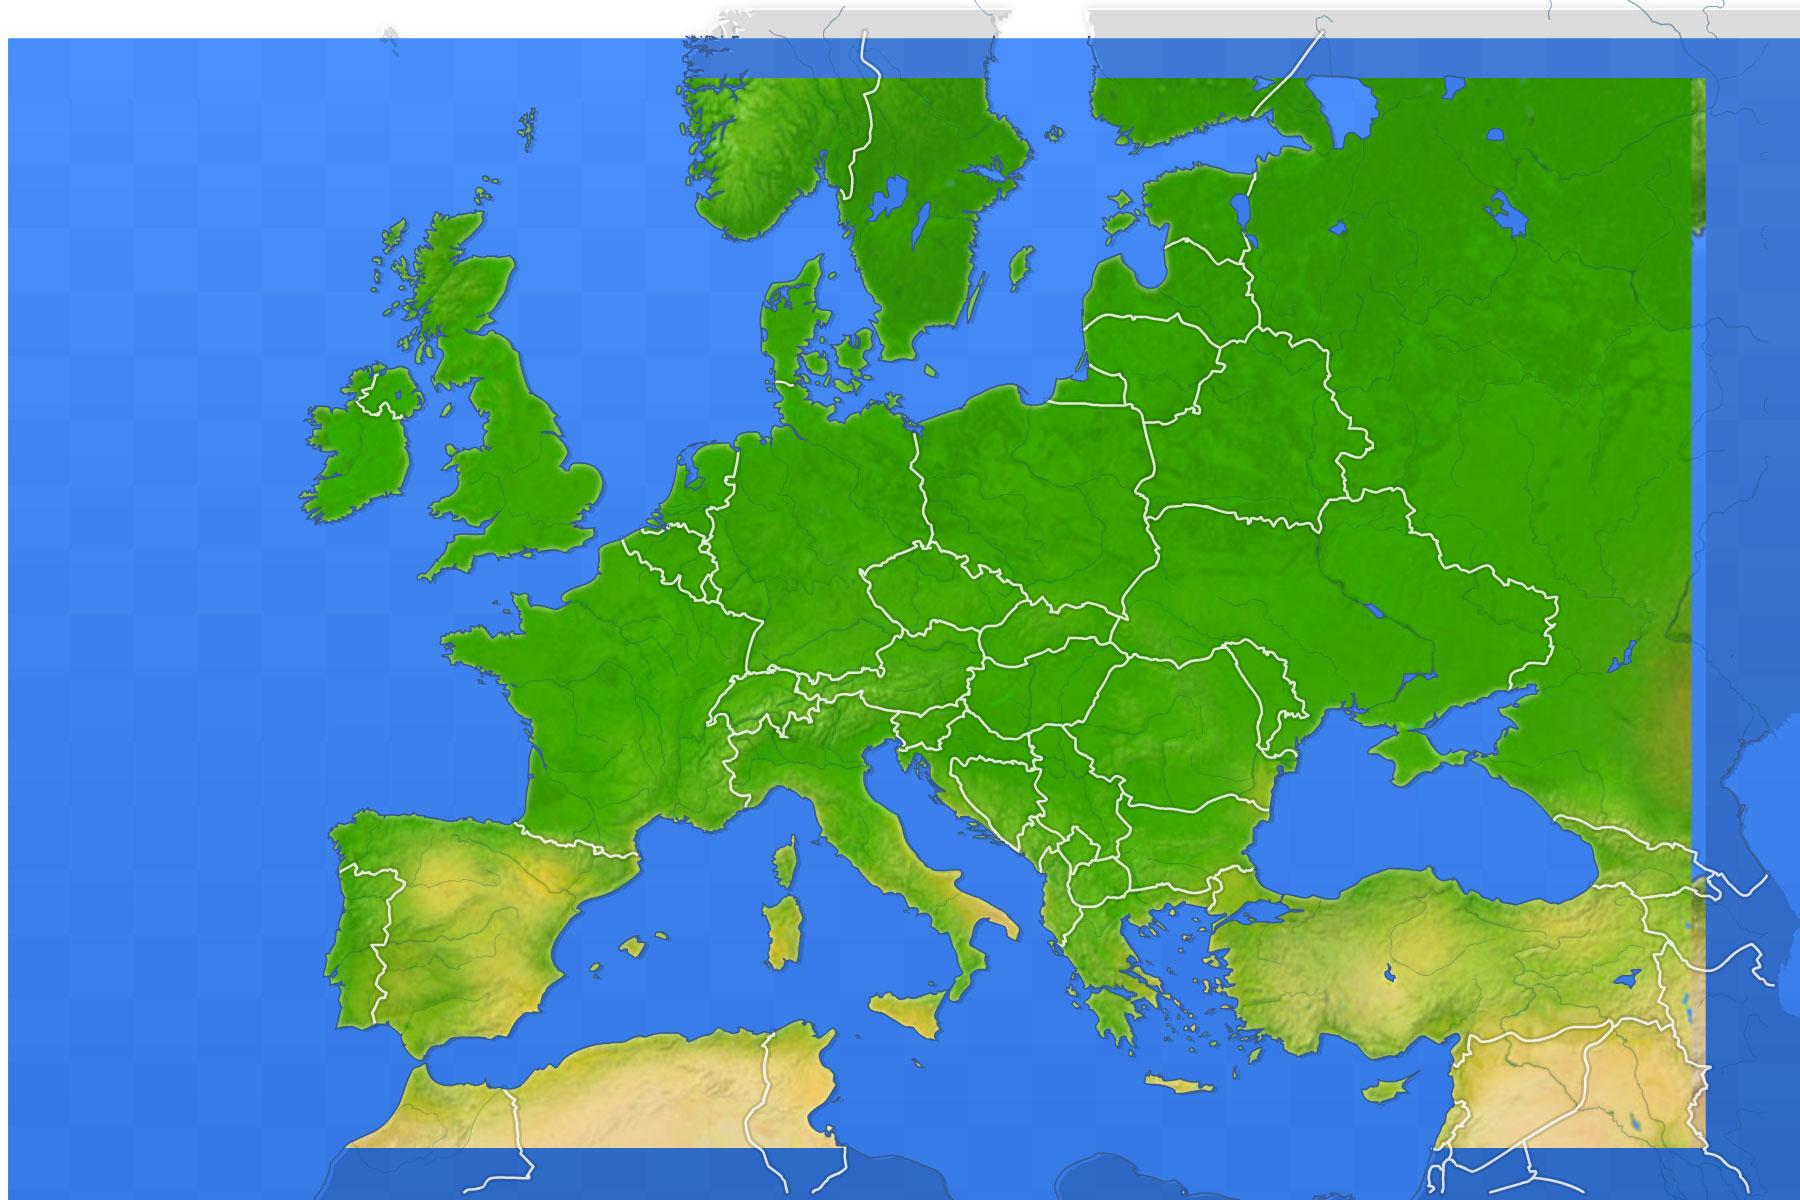 Jeux-Geographiques Jeux Gratuits Jeu Villes D Europe pour Jeux Géographique